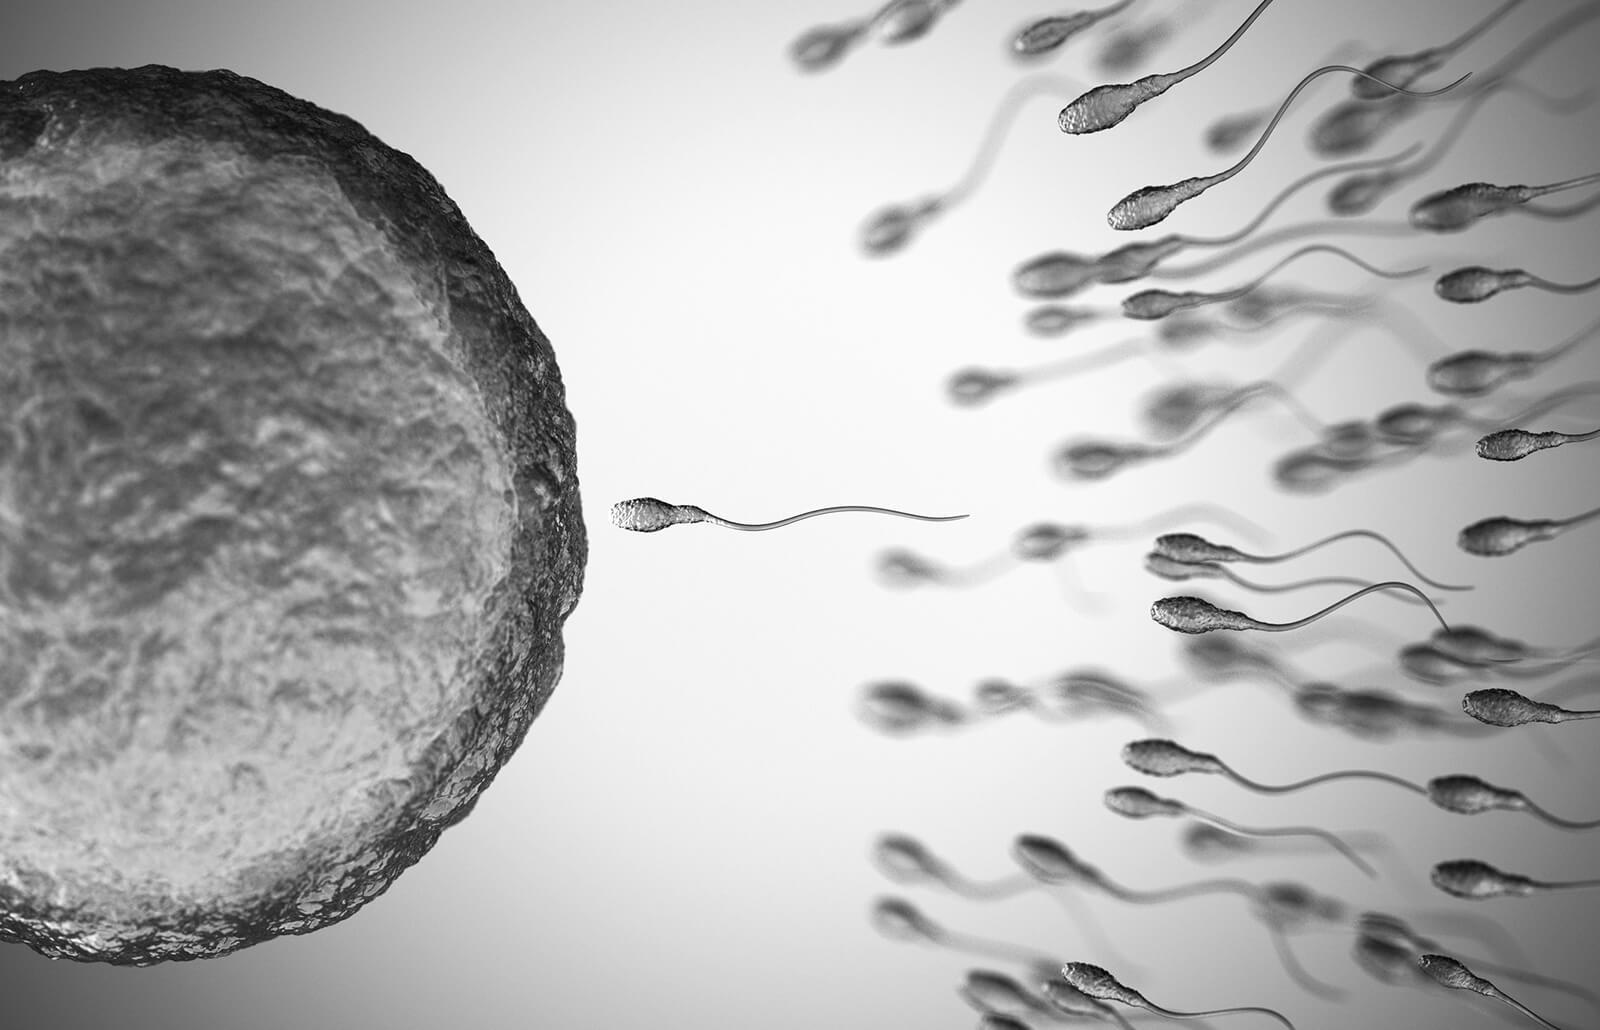 bd9c35e4a ¿Puedes quedar embarazada en tu período? | LoveToKnow